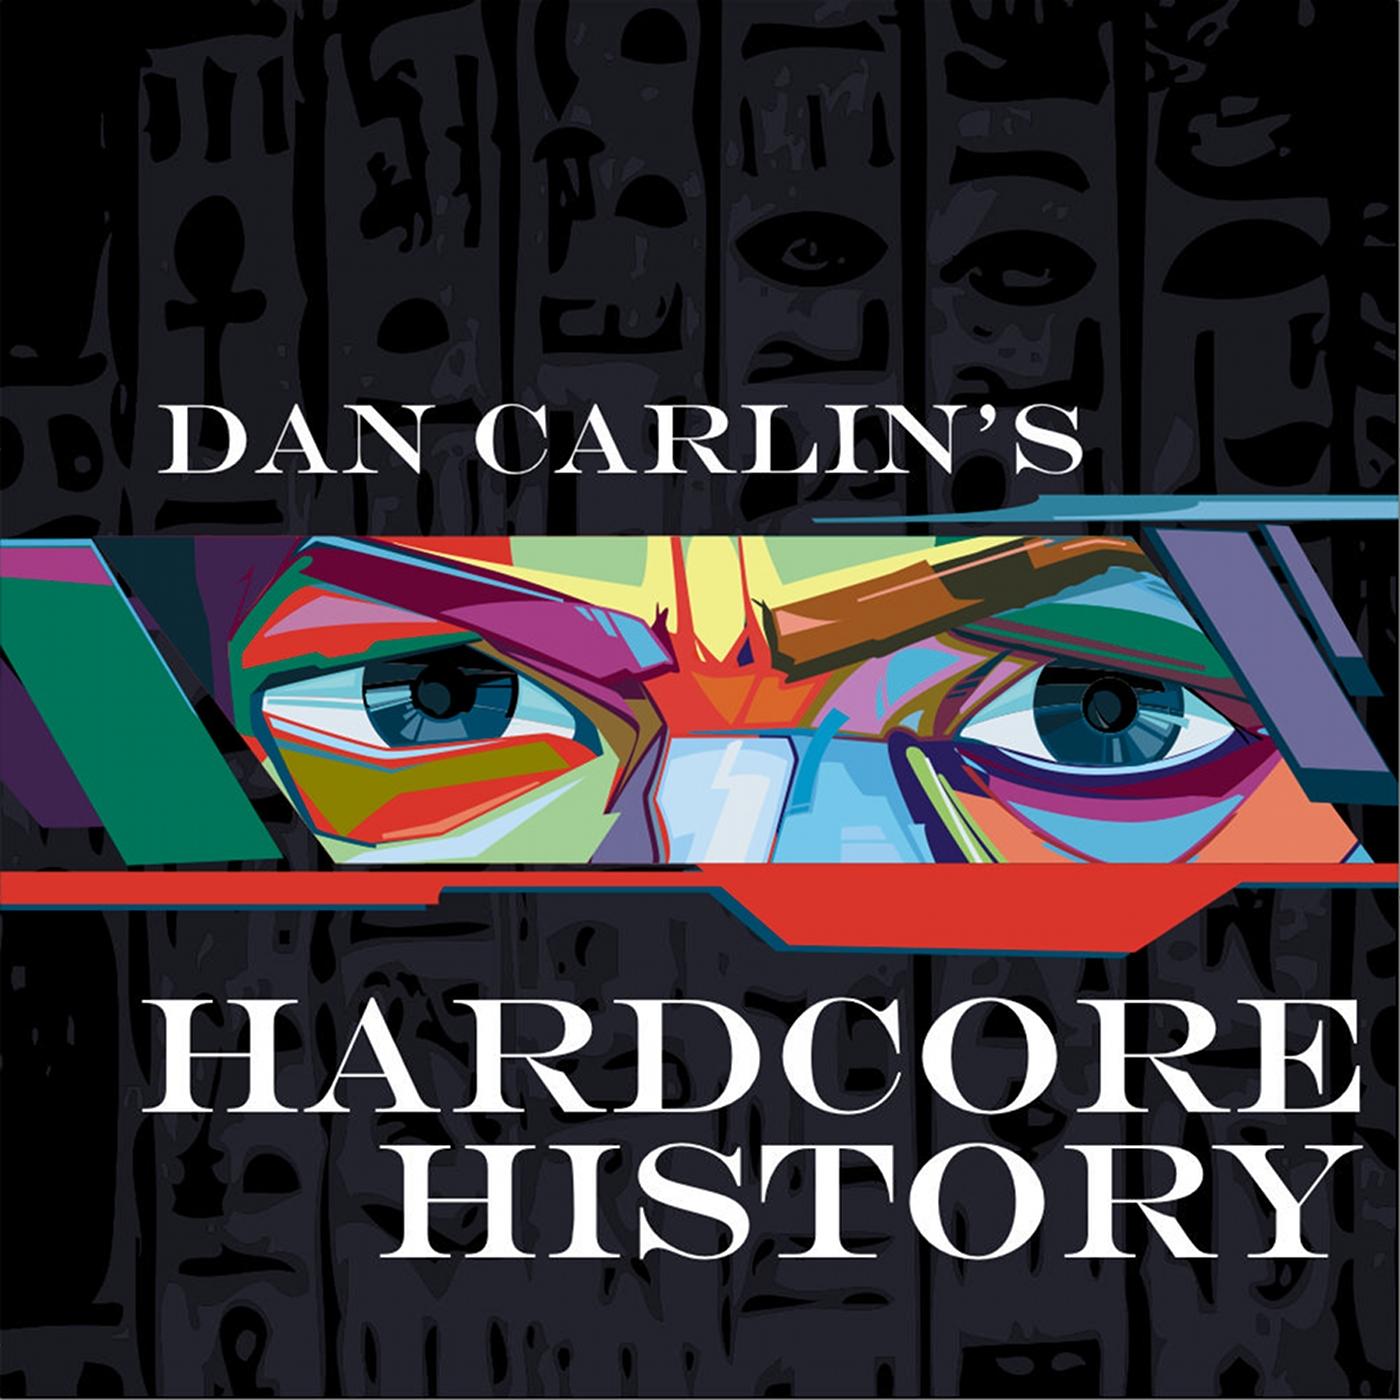 Dan Carlin's Hardcore History logo